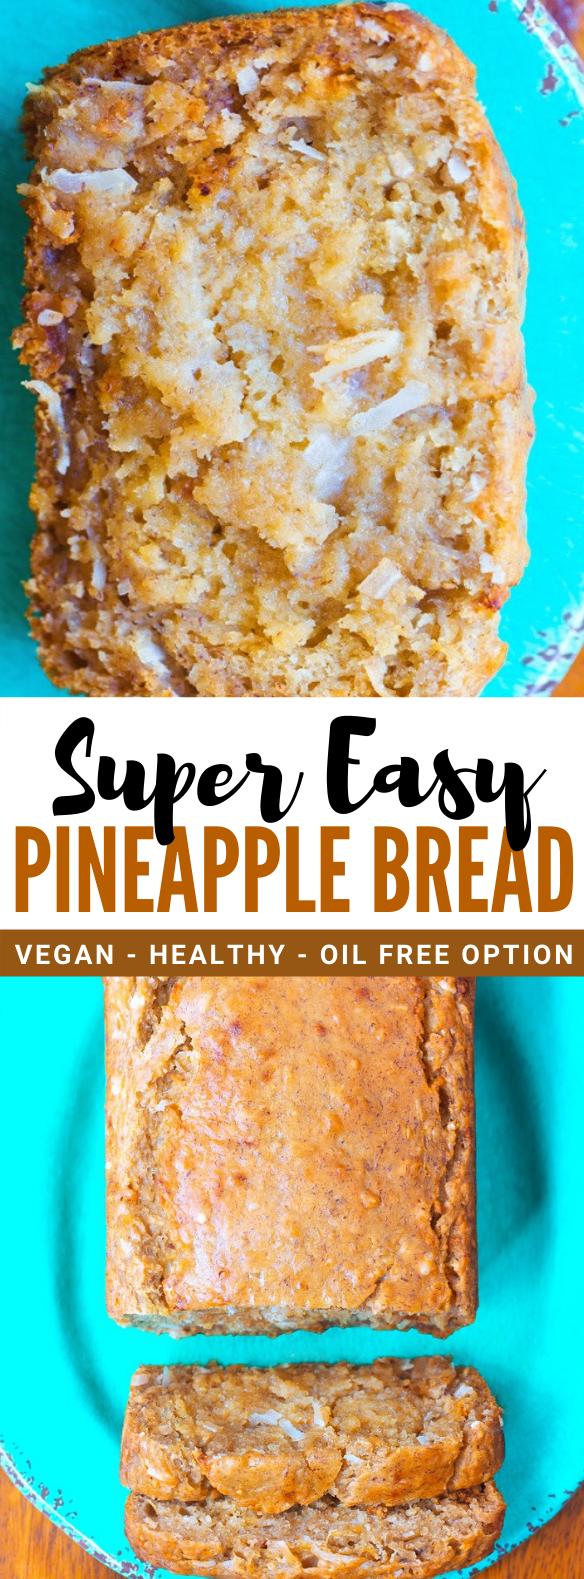 Pineapple Bread #vegetarian #healthy